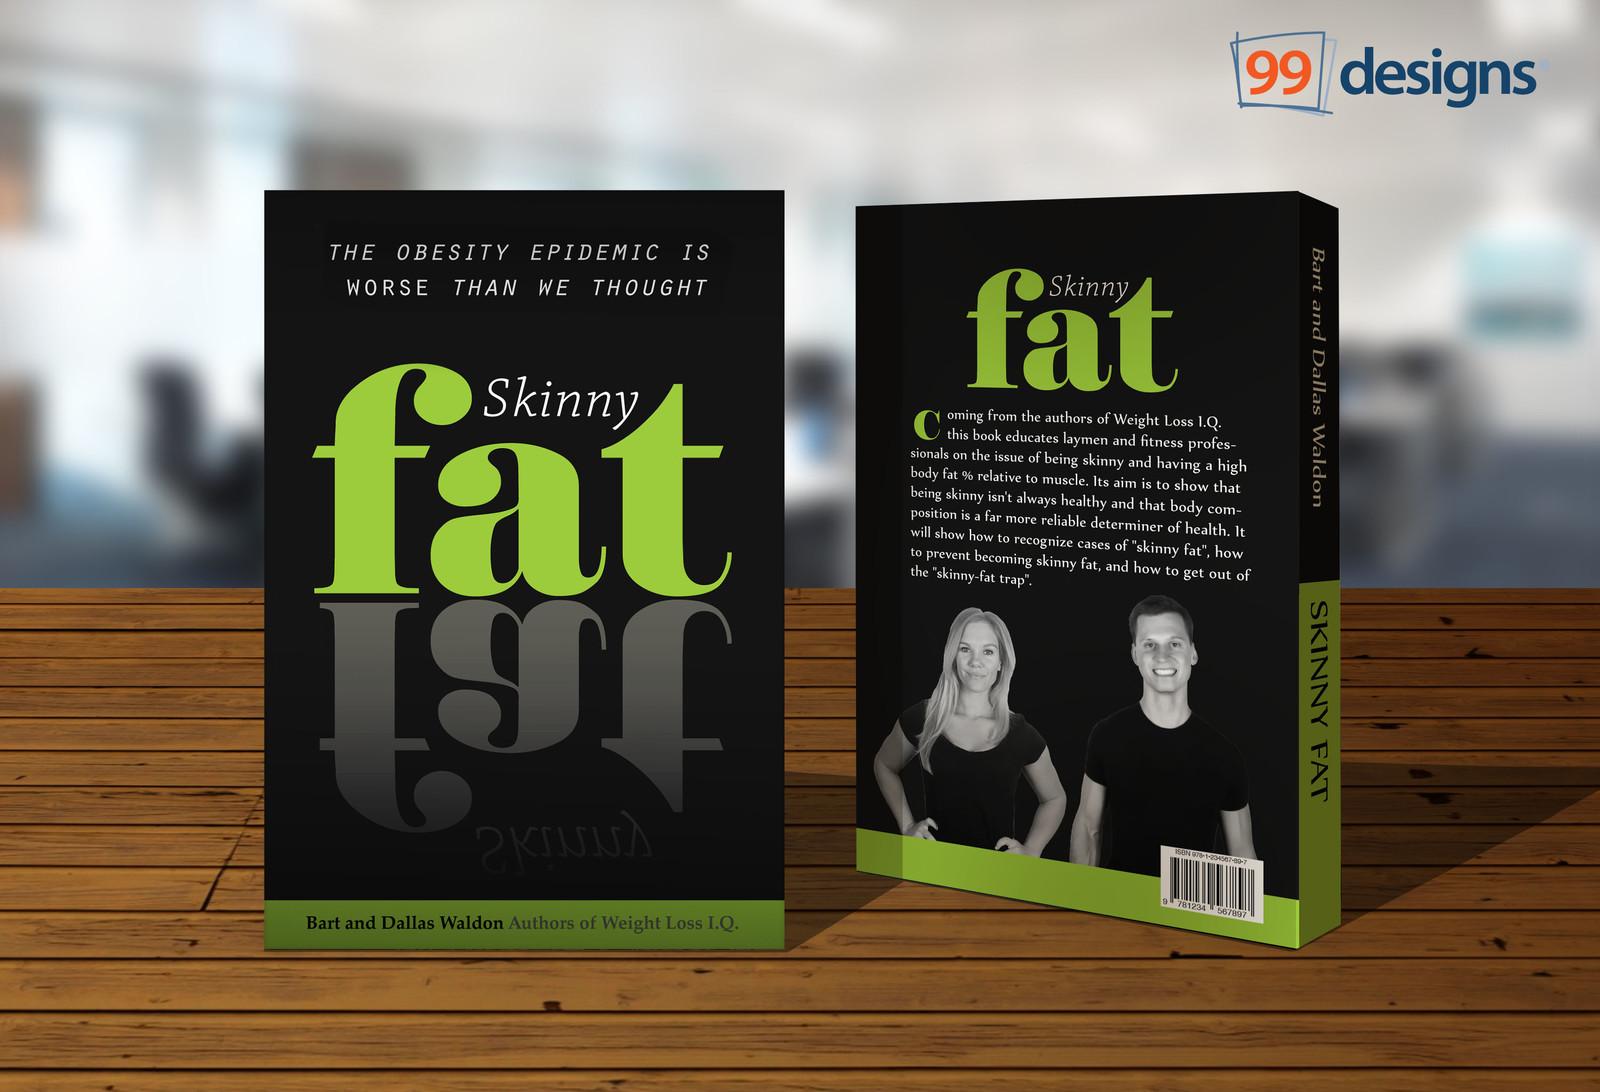 Book design #2